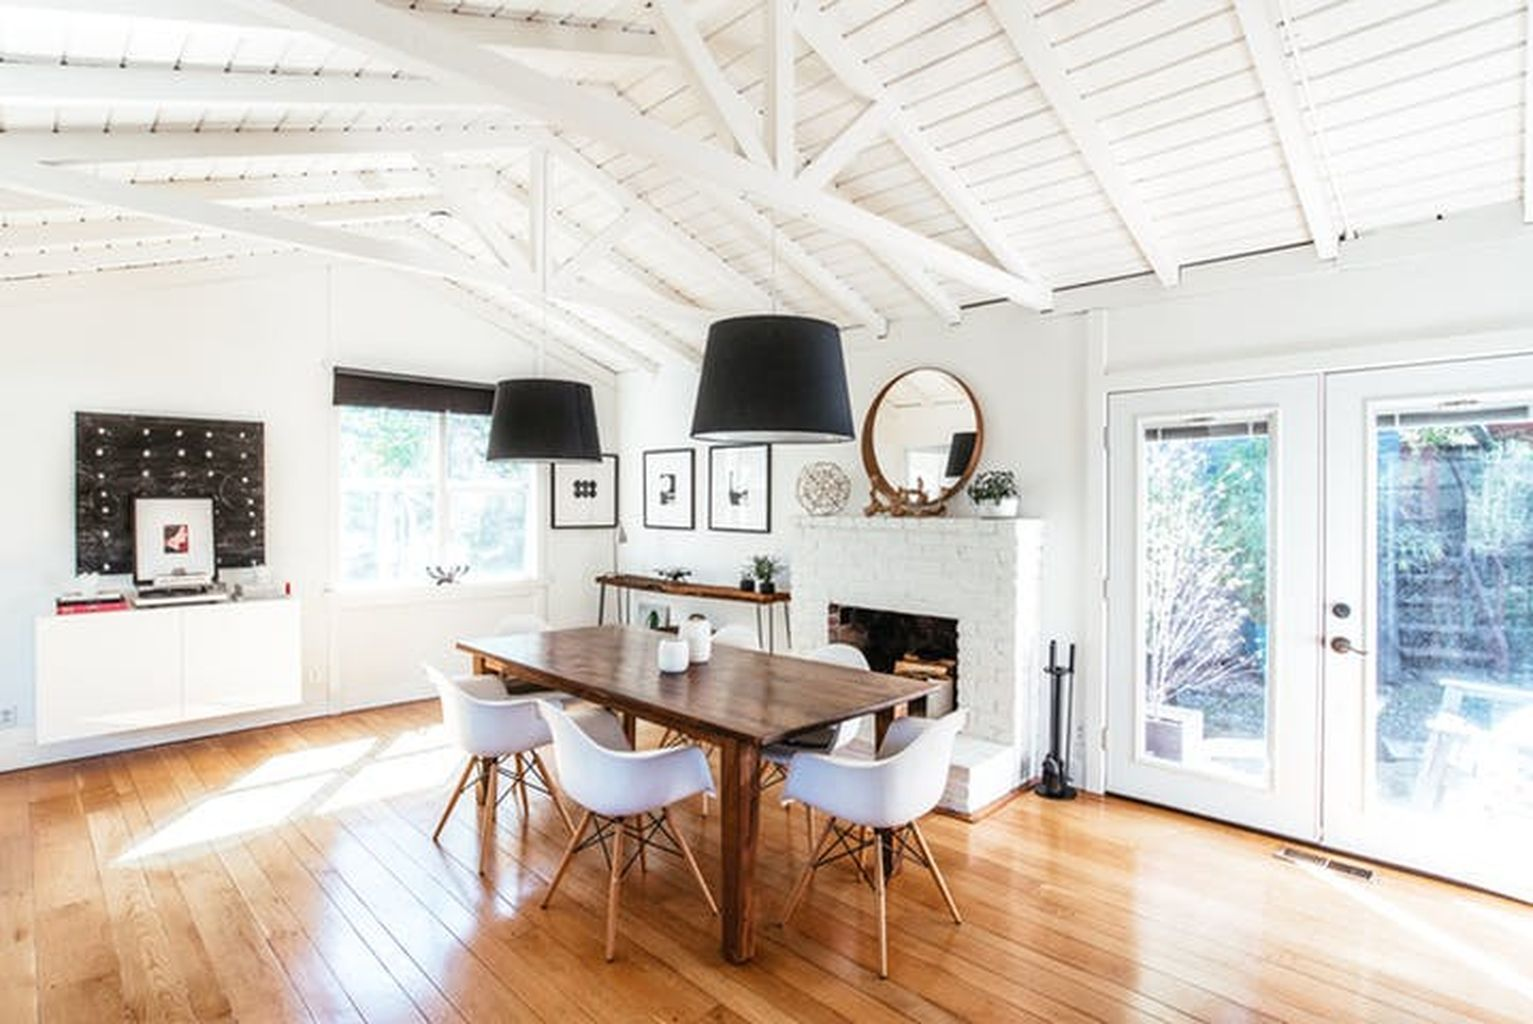 50+ Simple Scandinavian Dining Room Ideas   Room ideas, Dining room ...